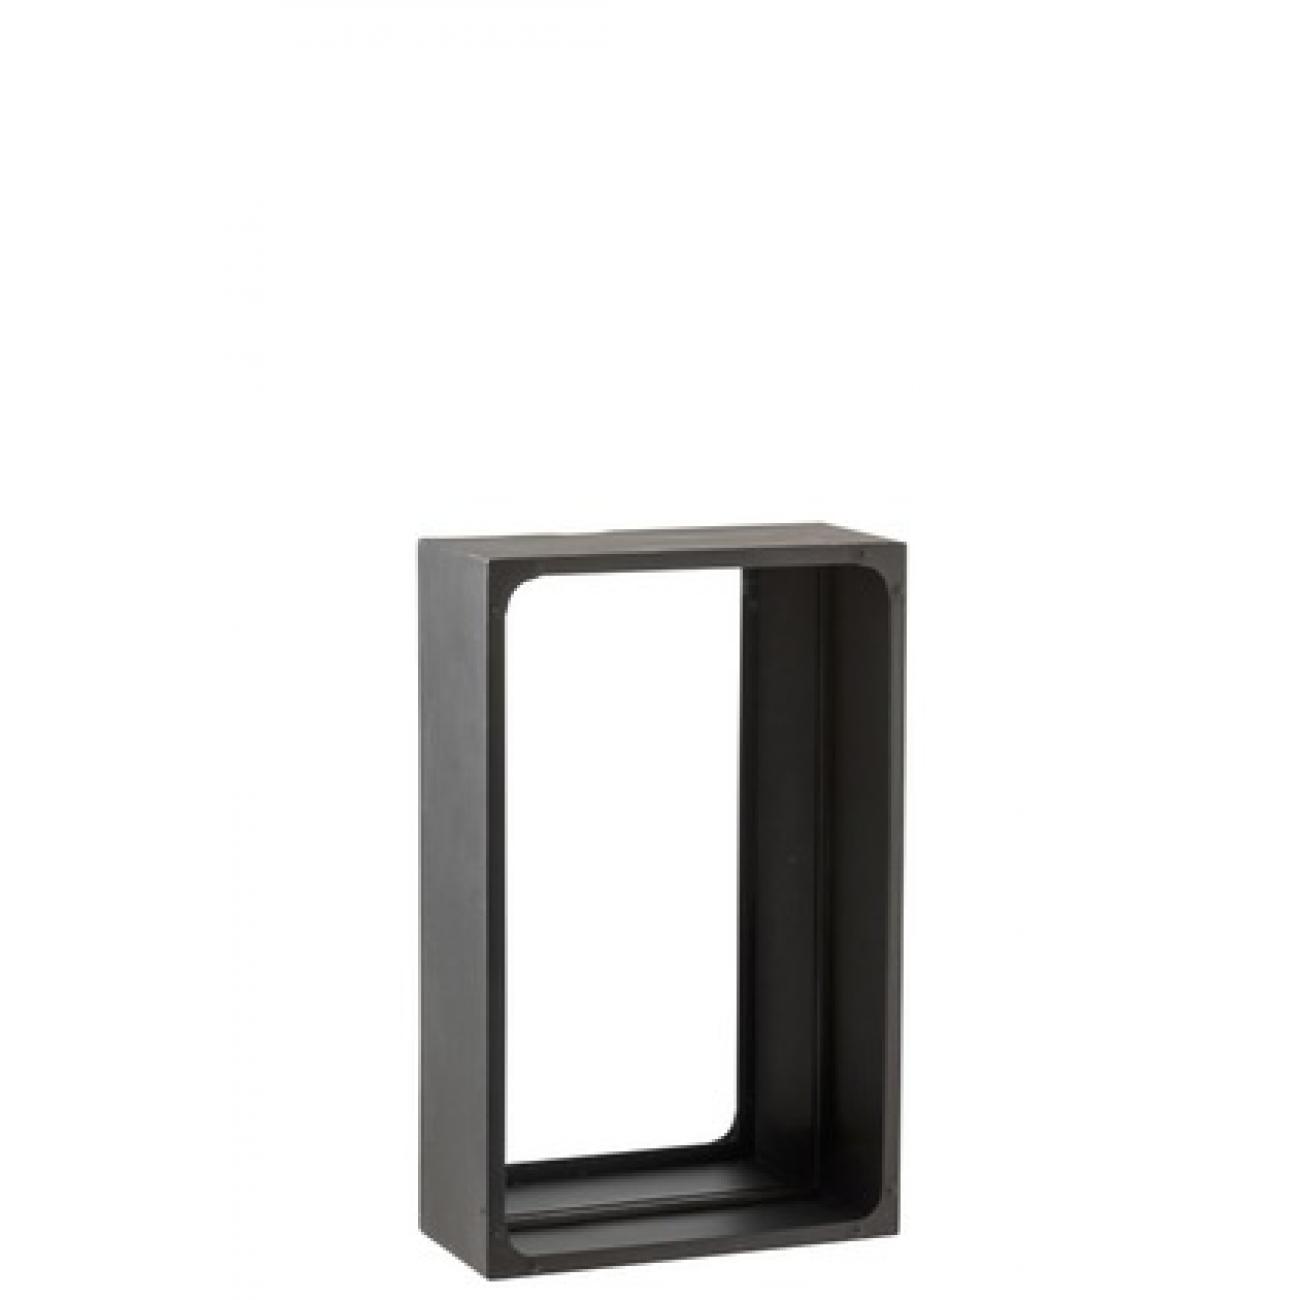 Прямоугольное настенное зеркало J-LINE в металлической раме с углублением черное 56х35,5 см Бельгия